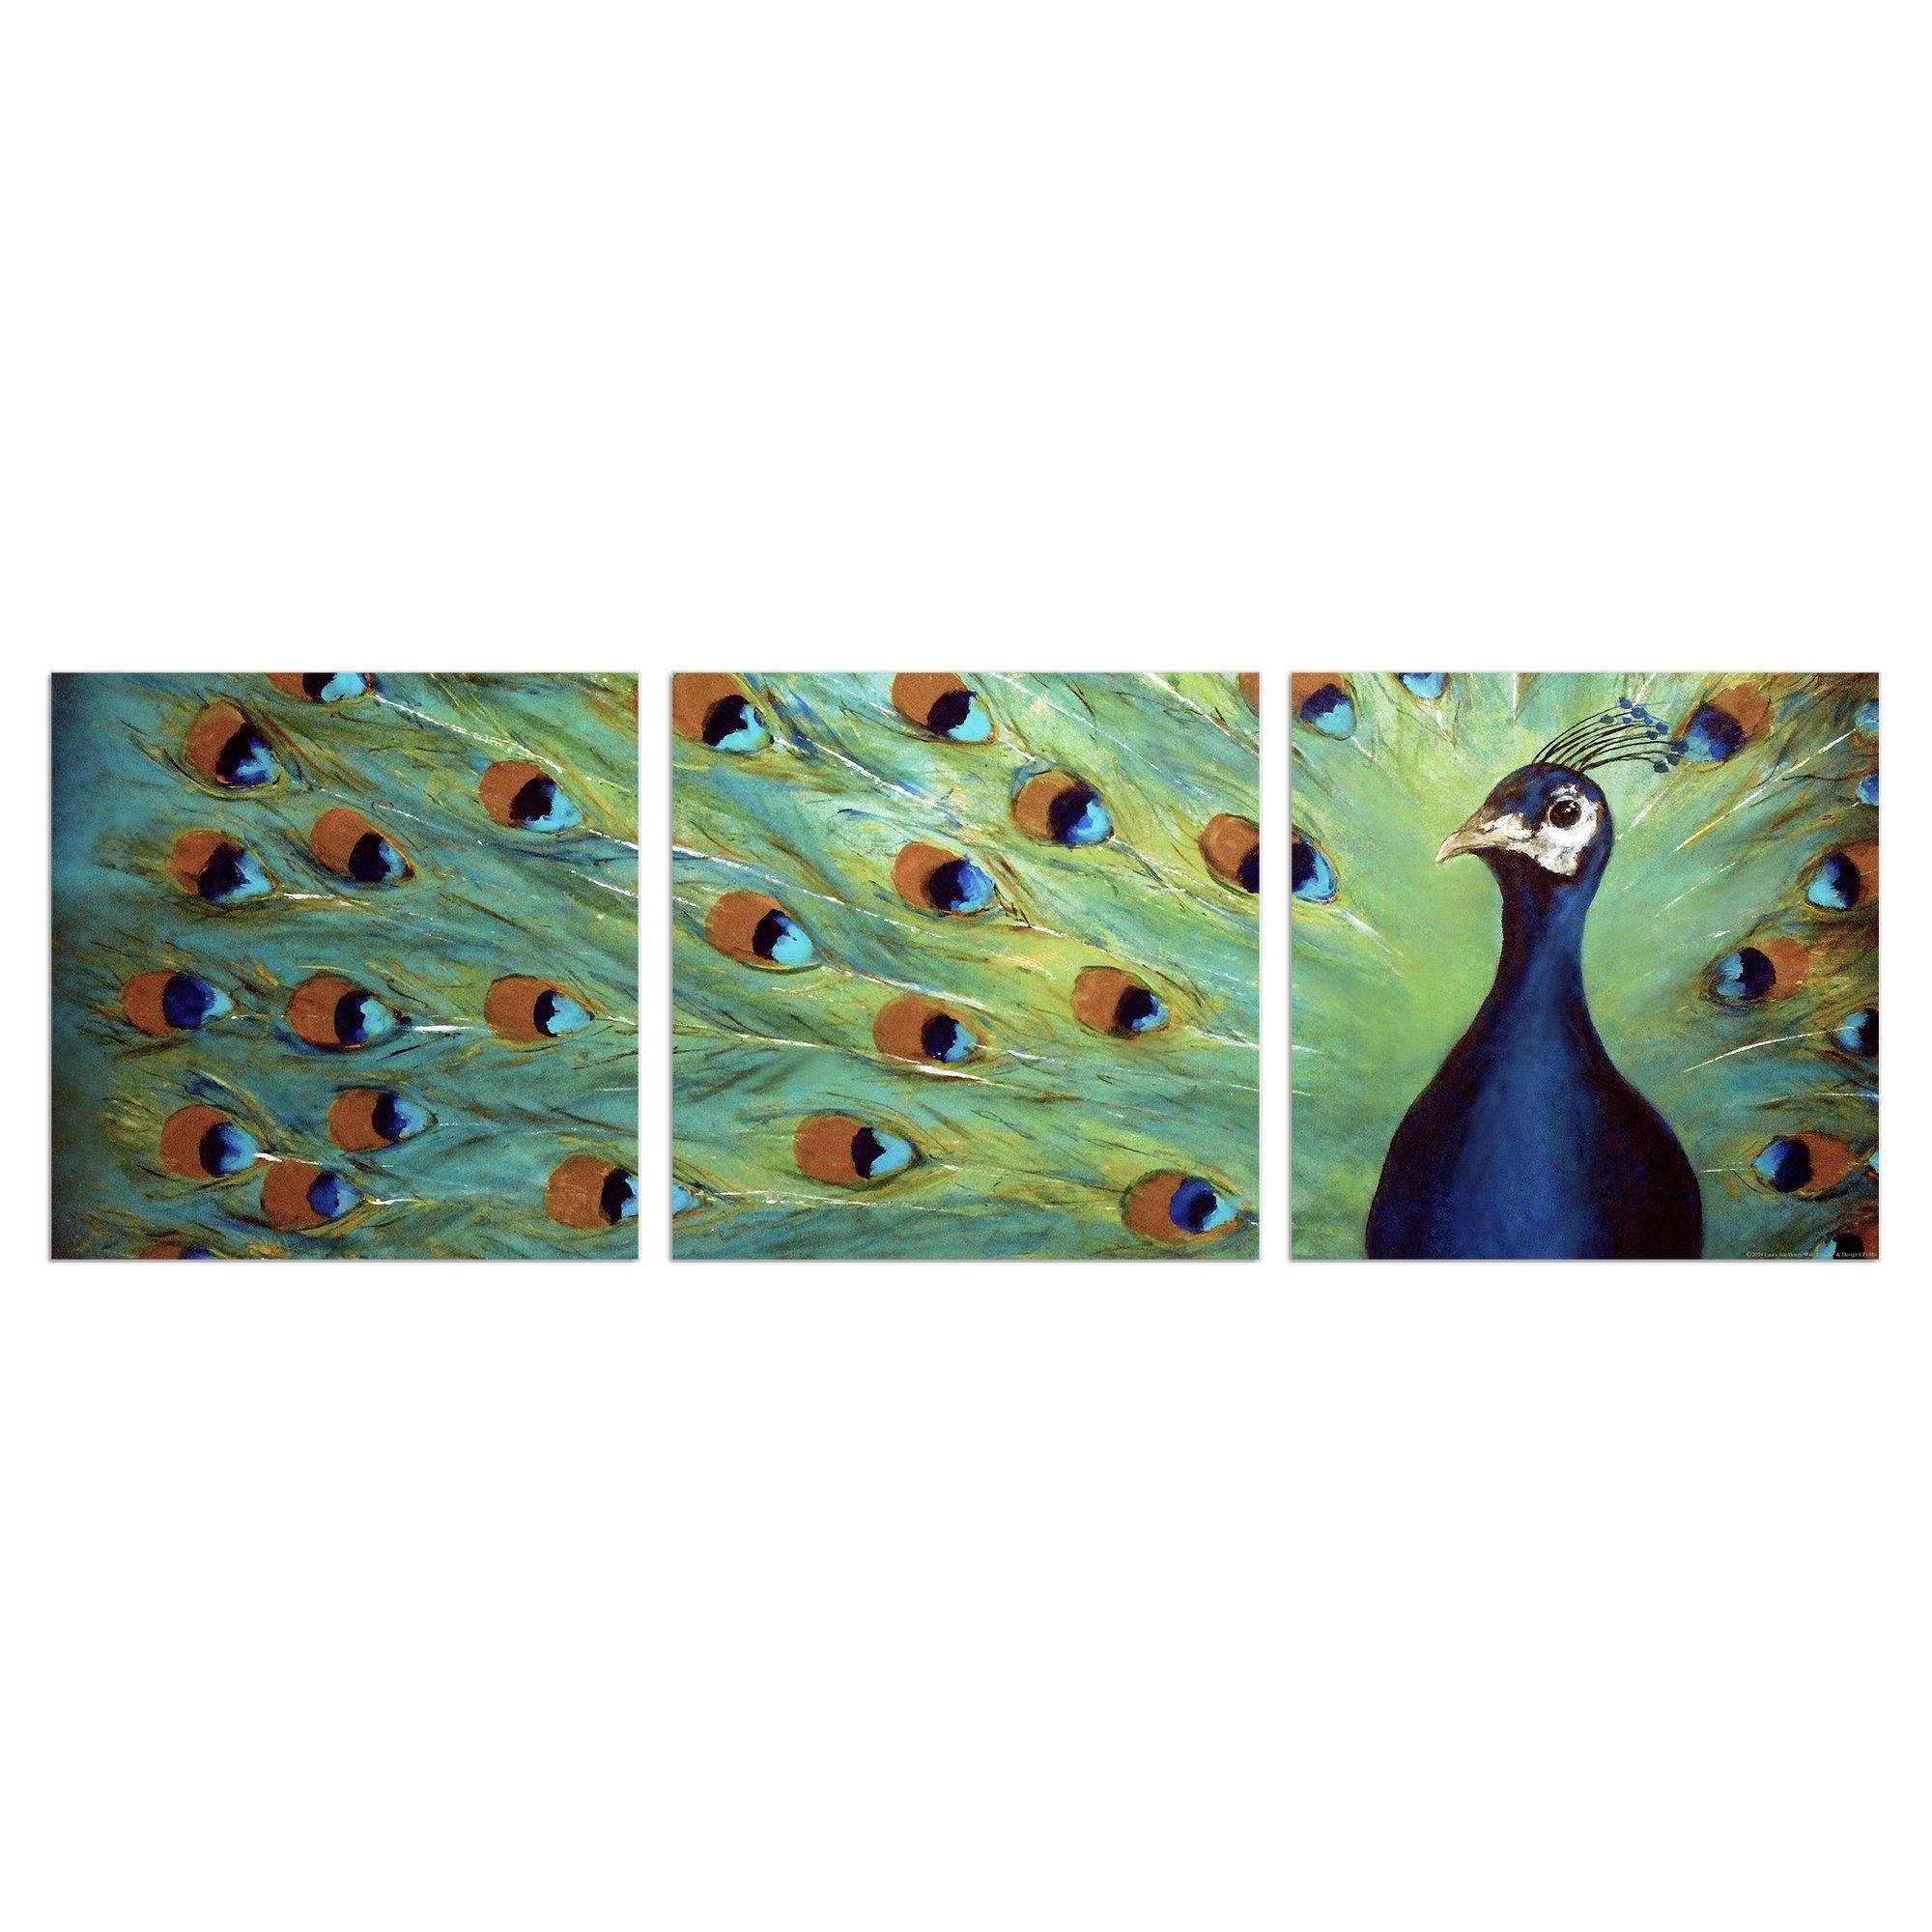 3 Piece Canvas Wall Art | Roselawnlutheran regarding Canvas Wall Art Sets Of 3